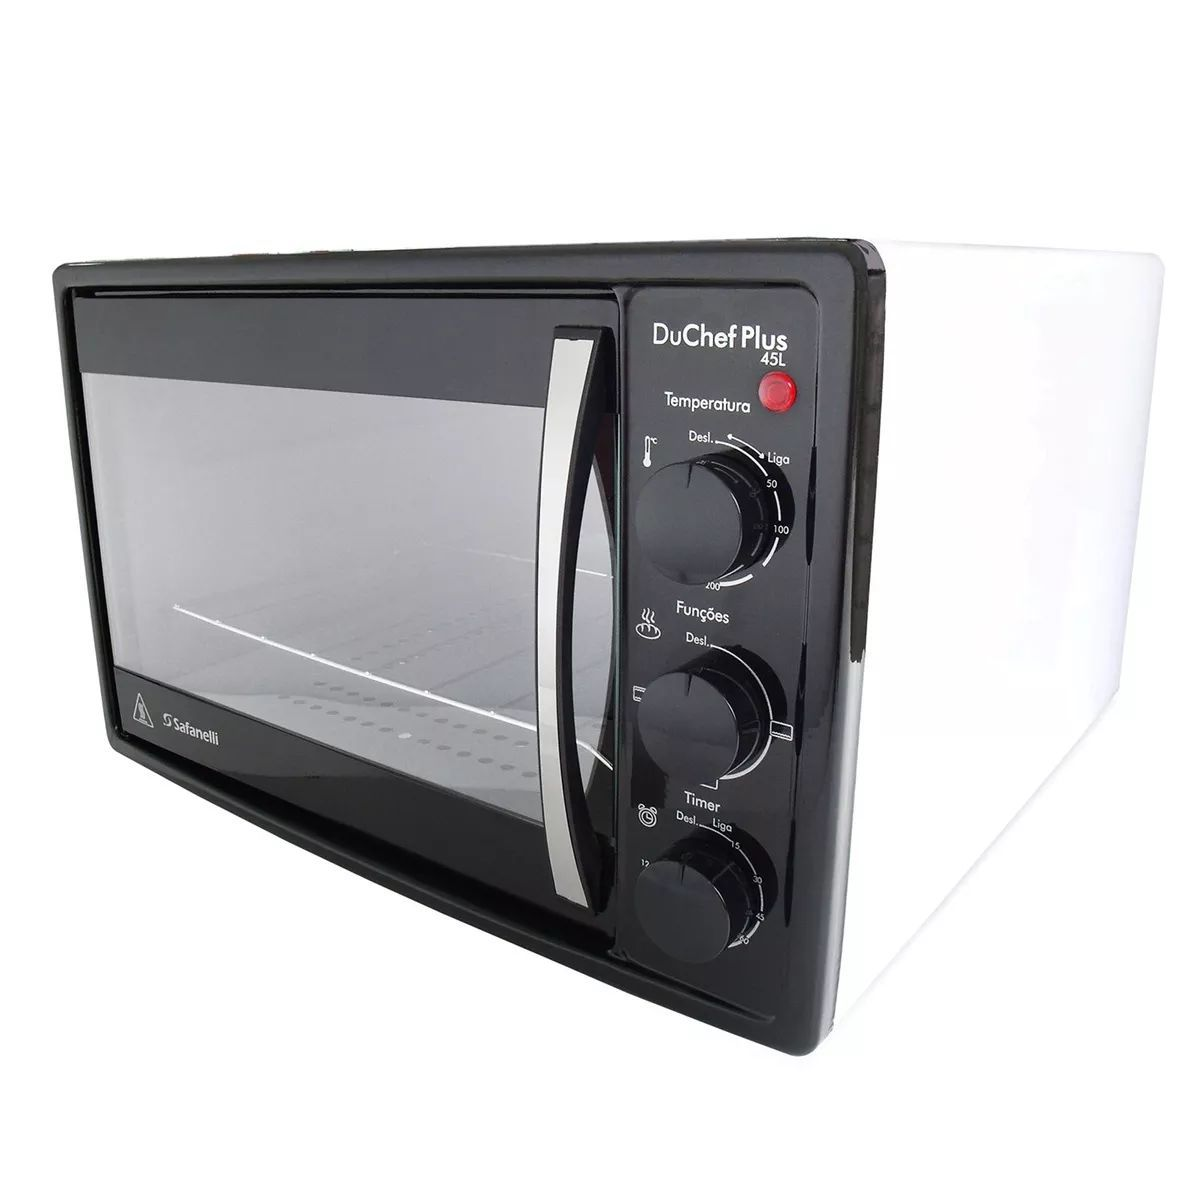 Forno Eletrico Du Chef Plus 45l Branco C/ Timer Safanelli